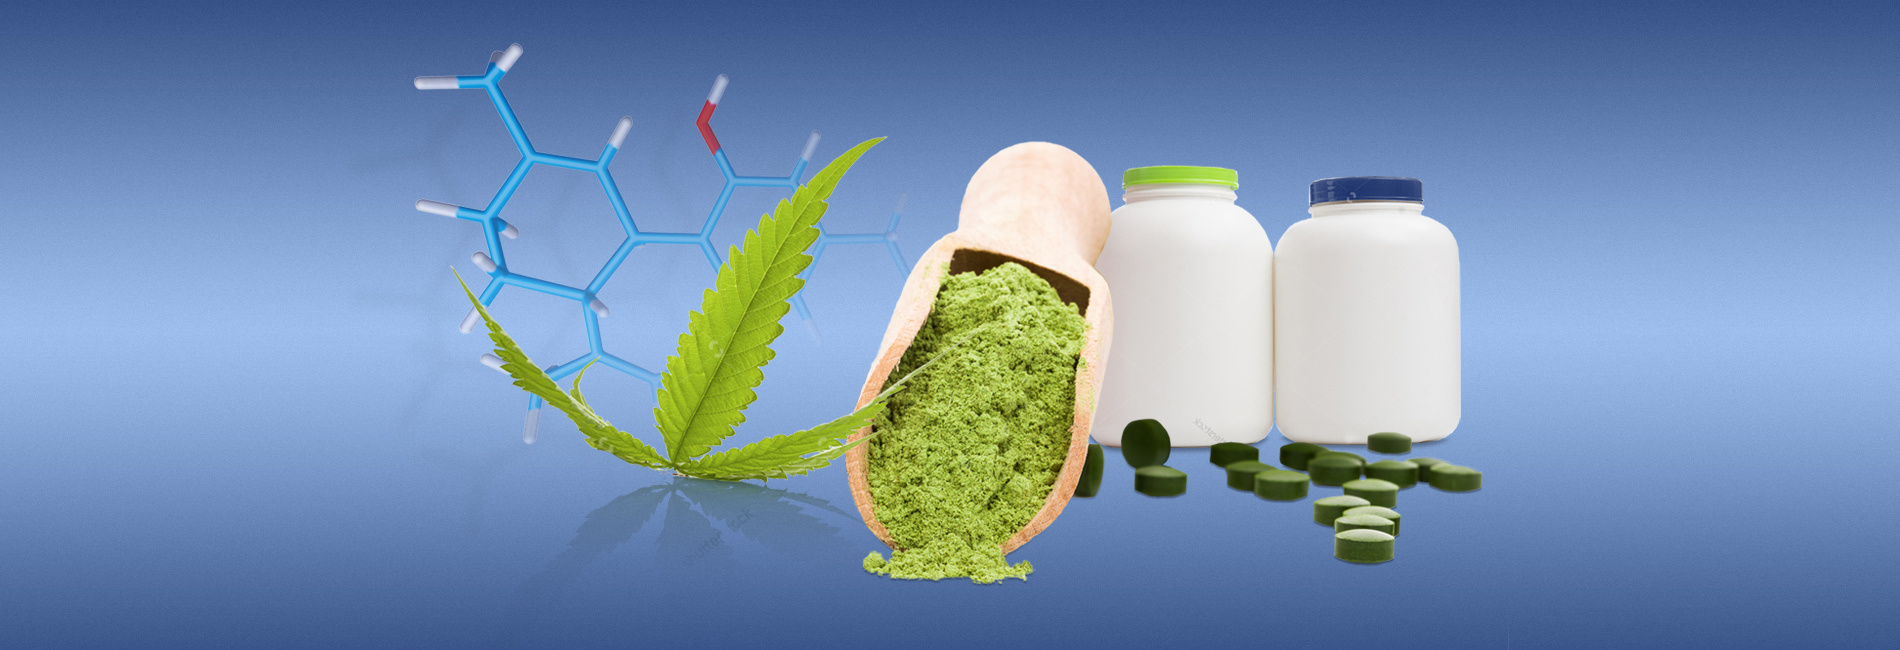 cannabidiol cbd solutions your expert source on hemp